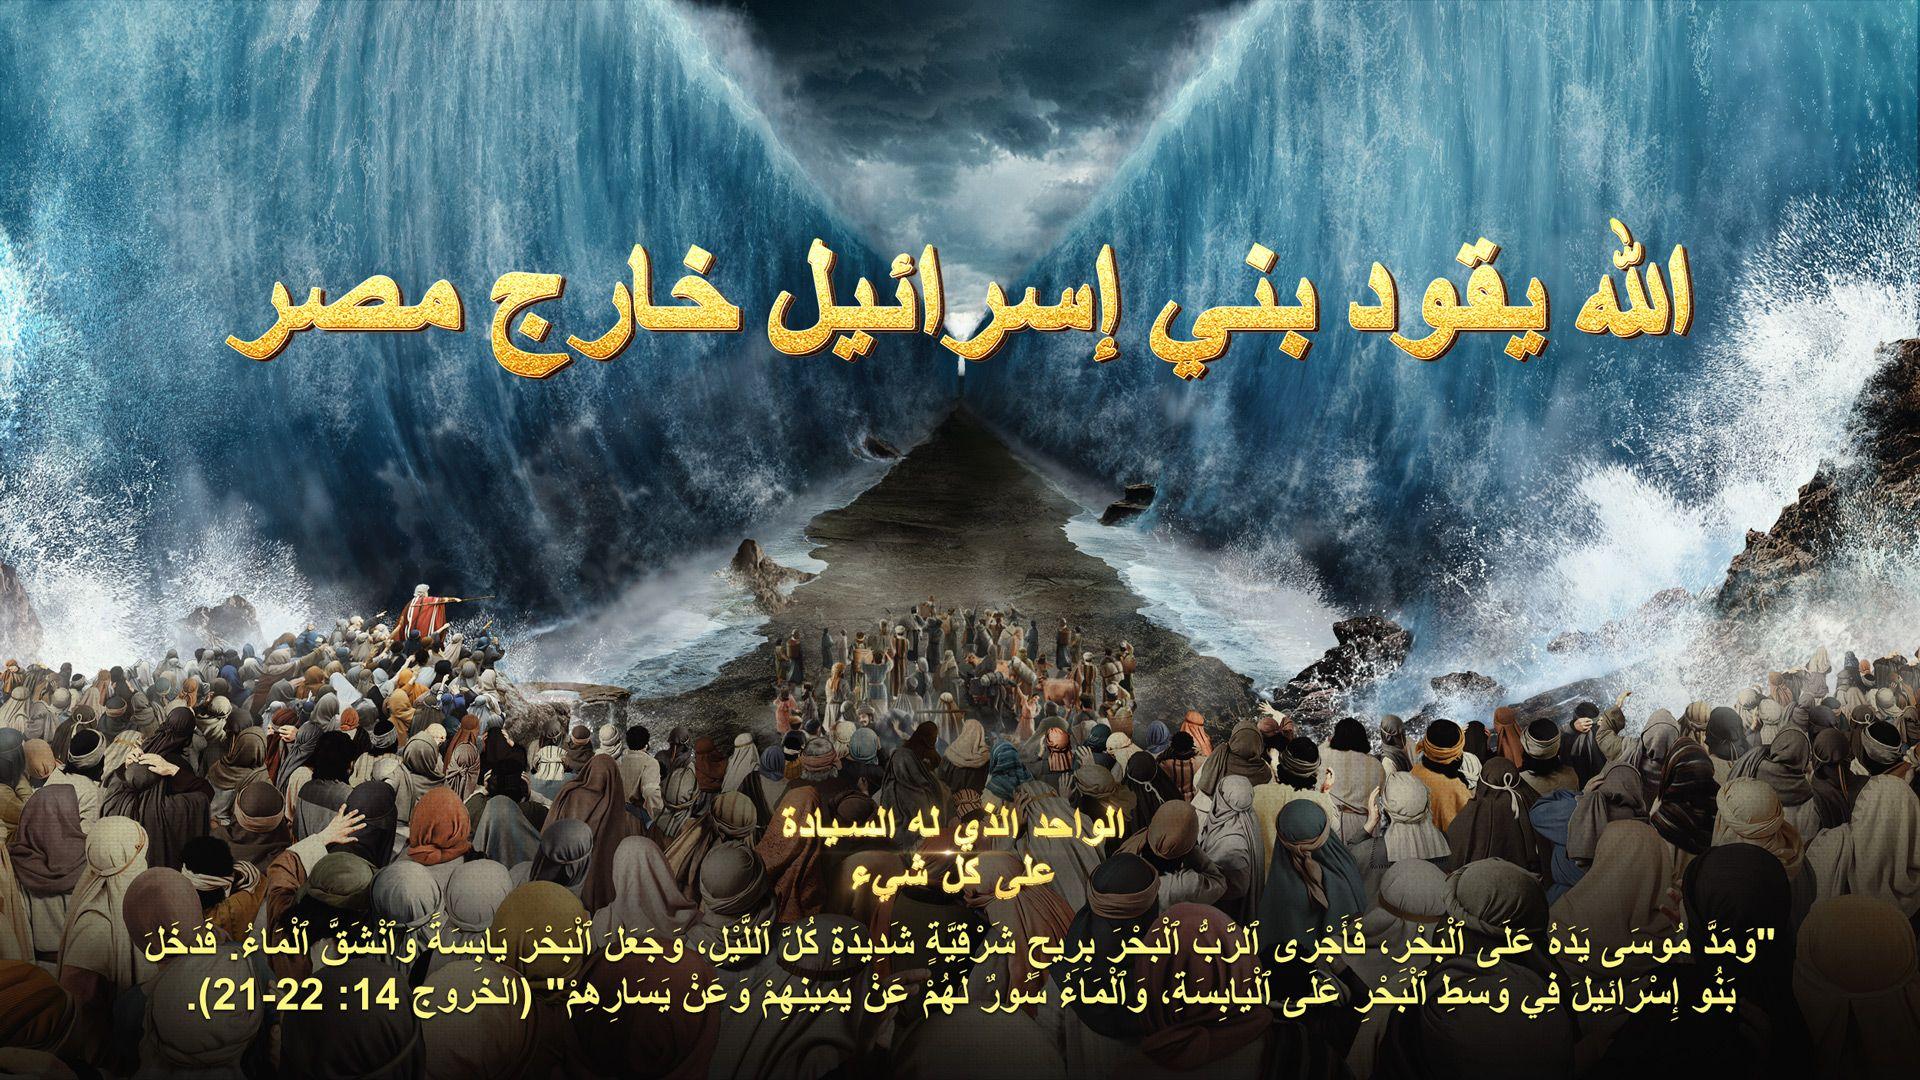 عبر موسى البحر الأحمر Movies Movie Posters Poster